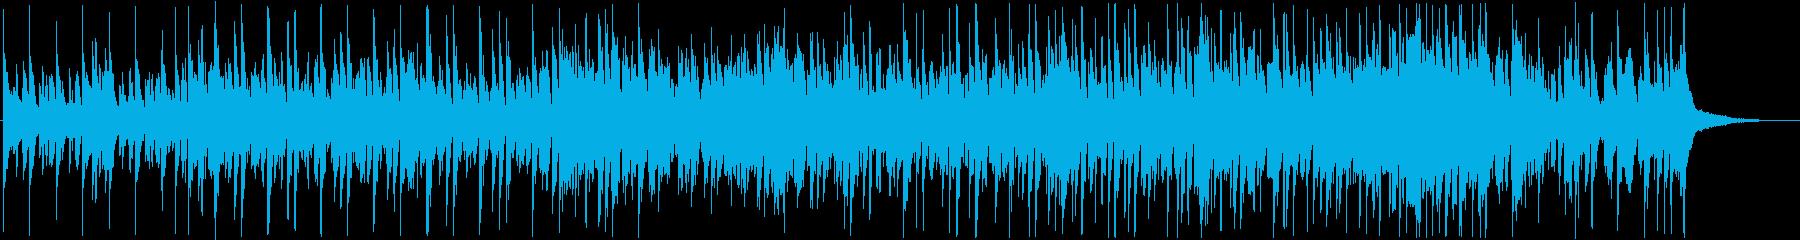 ちょっとファニーなシンセPOPの再生済みの波形